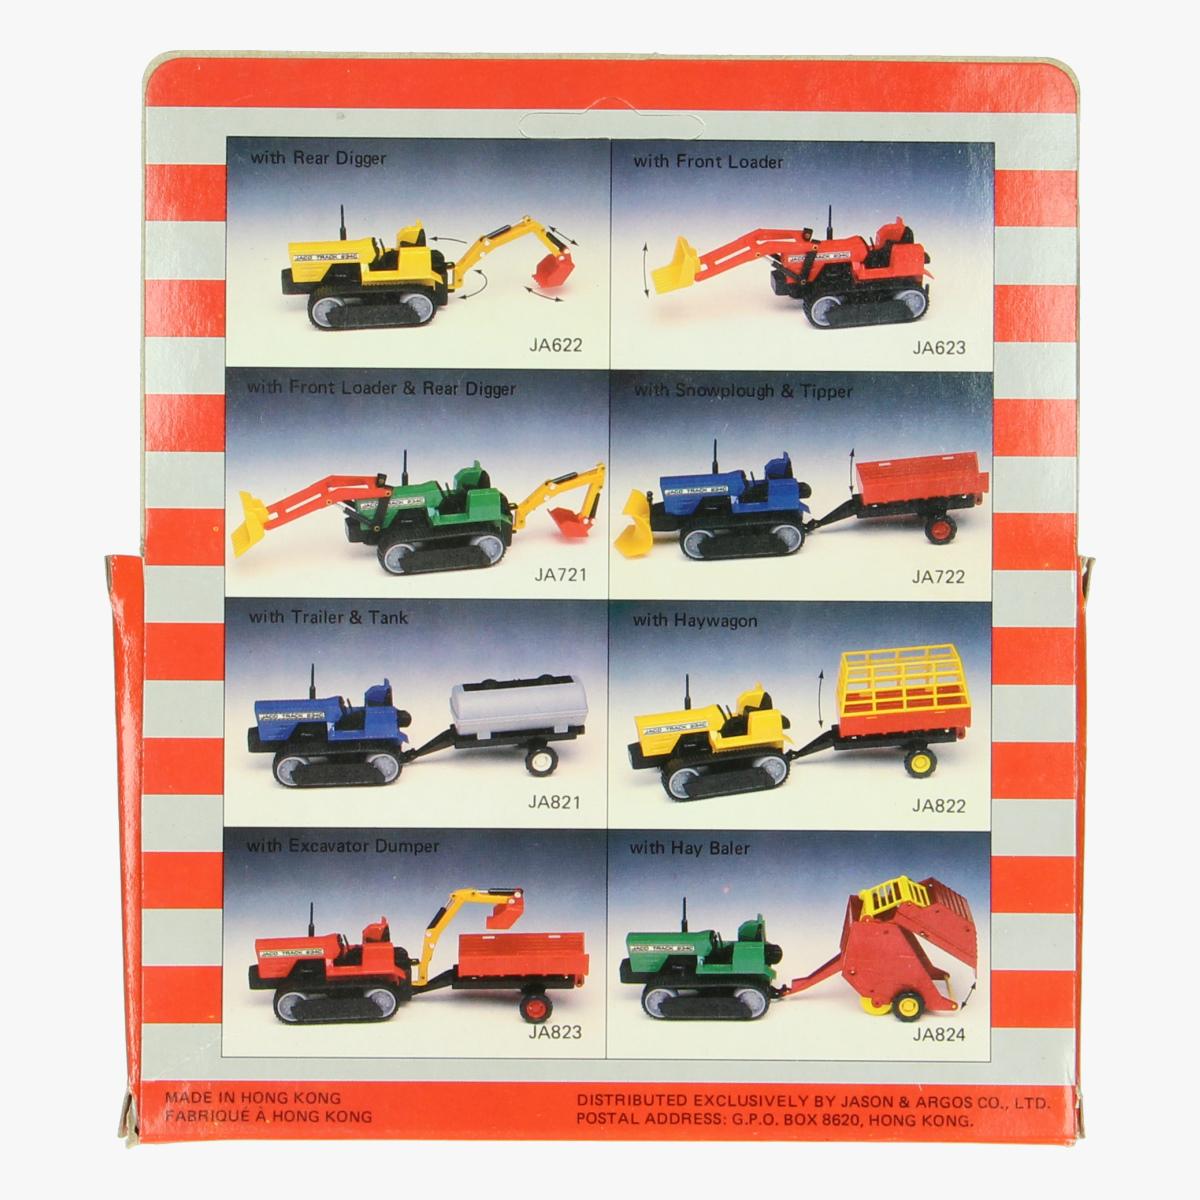 Afbeeldingen van Miniatuur Bulldozer tractor